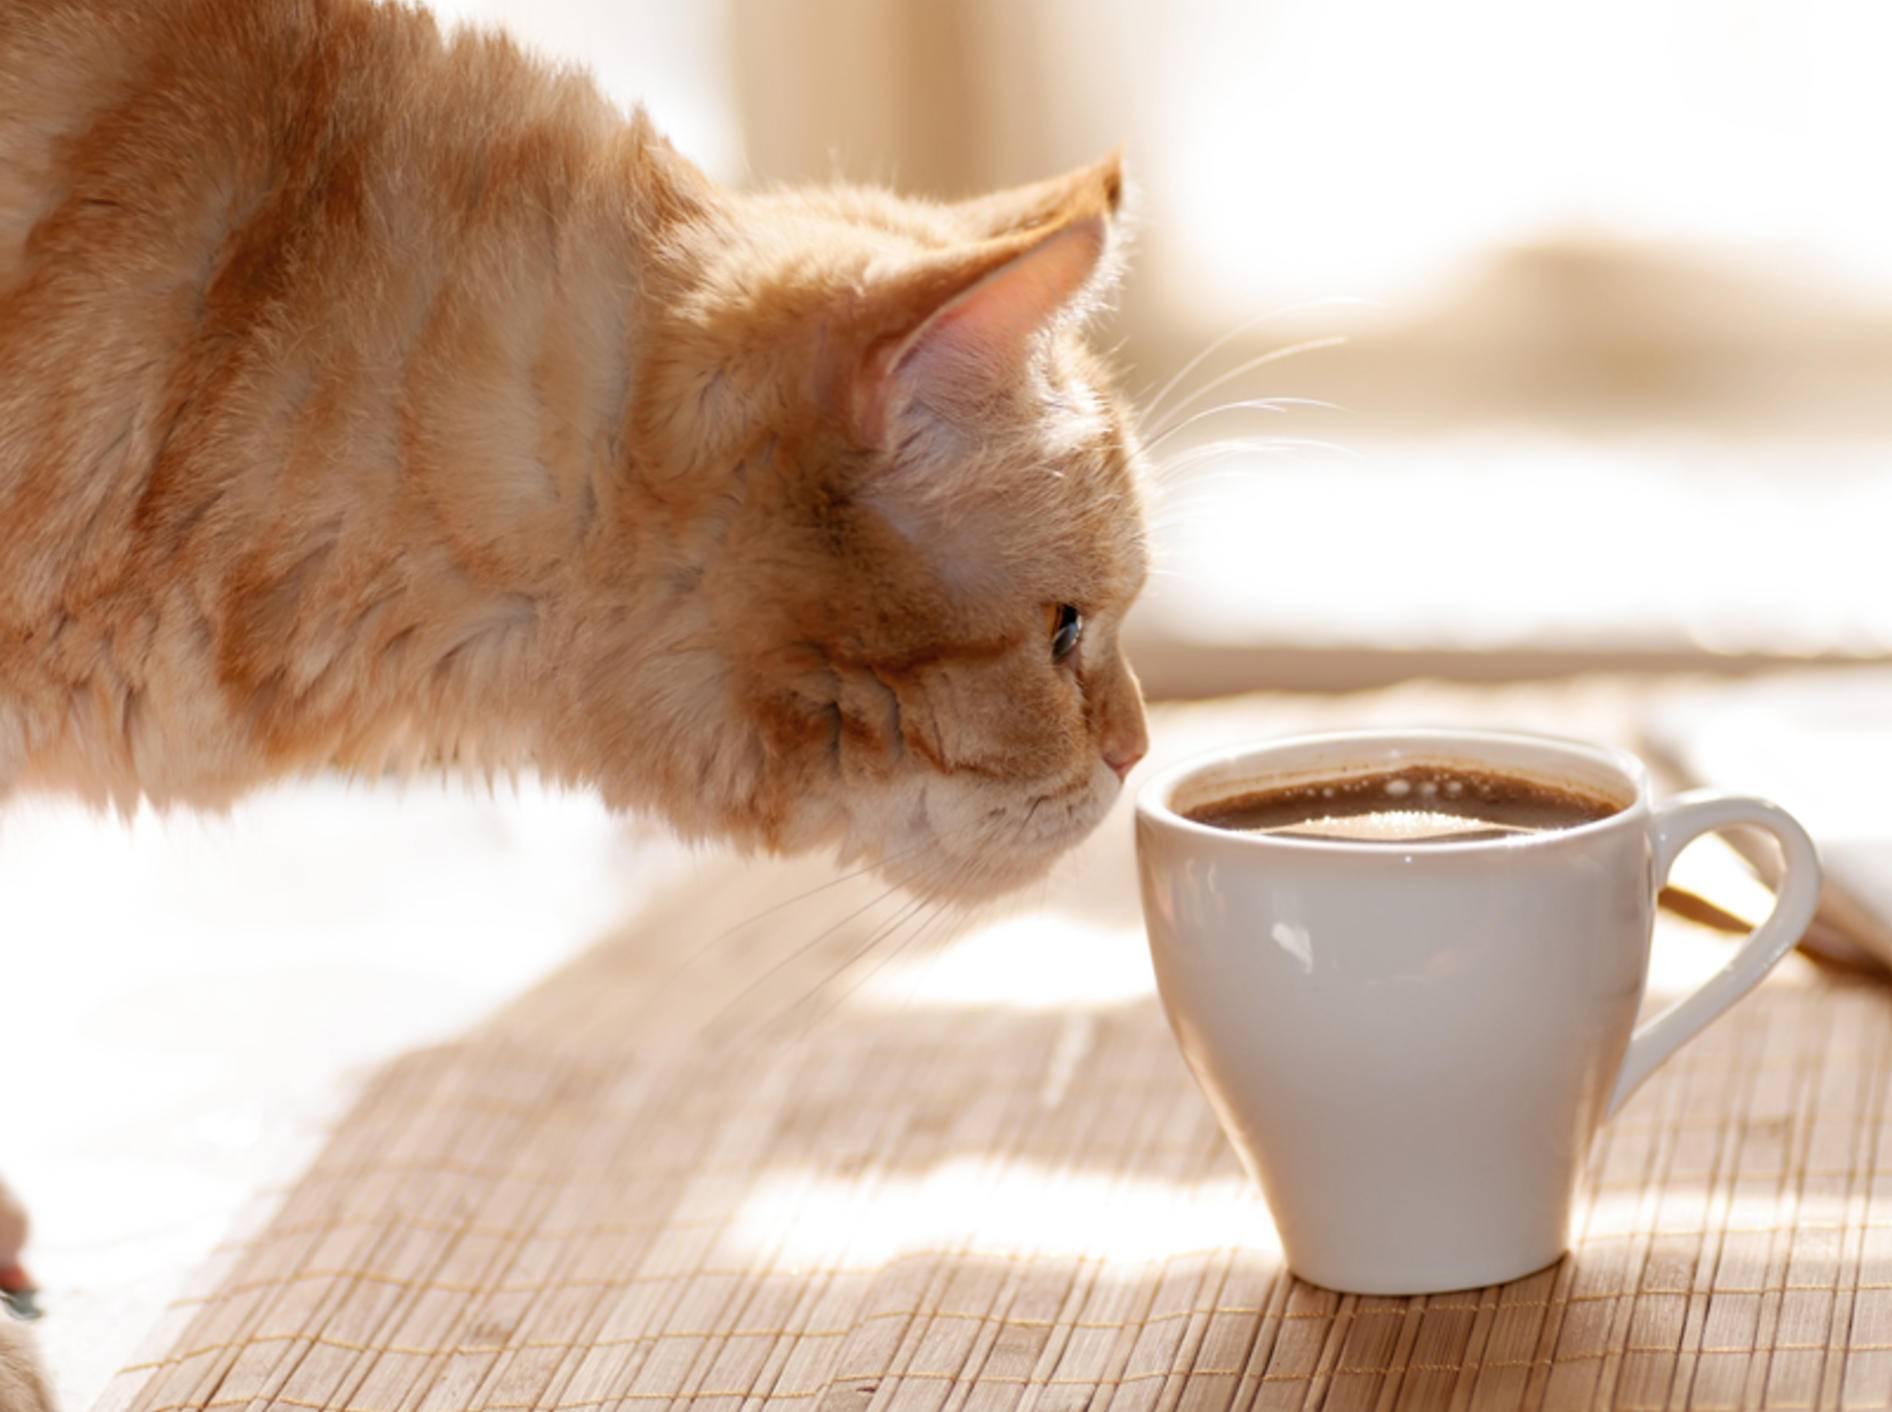 Nur schnuppern, nicht trinken: In Katzencafés dürfen die Katzen nicht gefüttert, aber gestreichelt und bespaßt werden – Shutterstock / Germanova Antonina